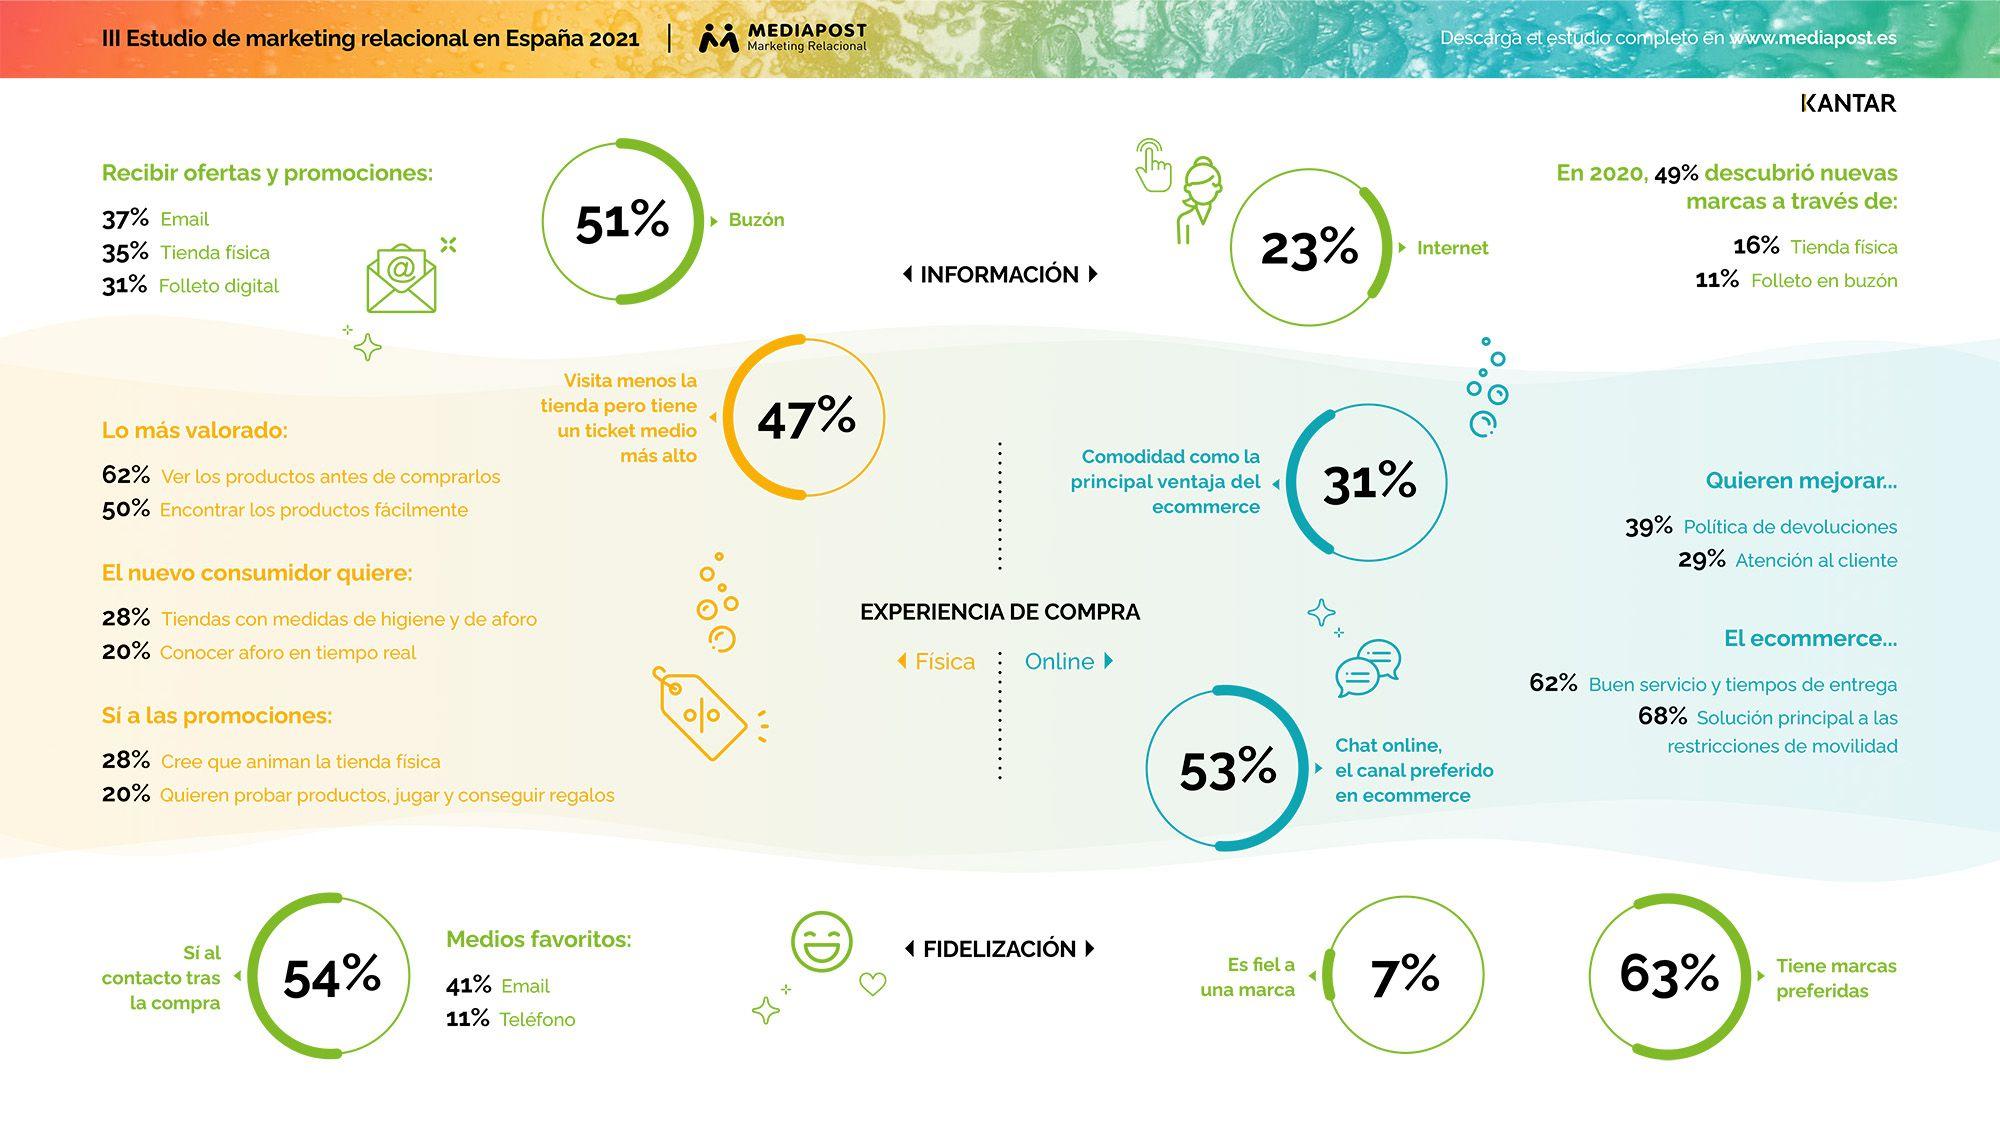 6 de cada 10 consumidores españoles prefieren ver los productos antes de comprarlos, según Mediapost